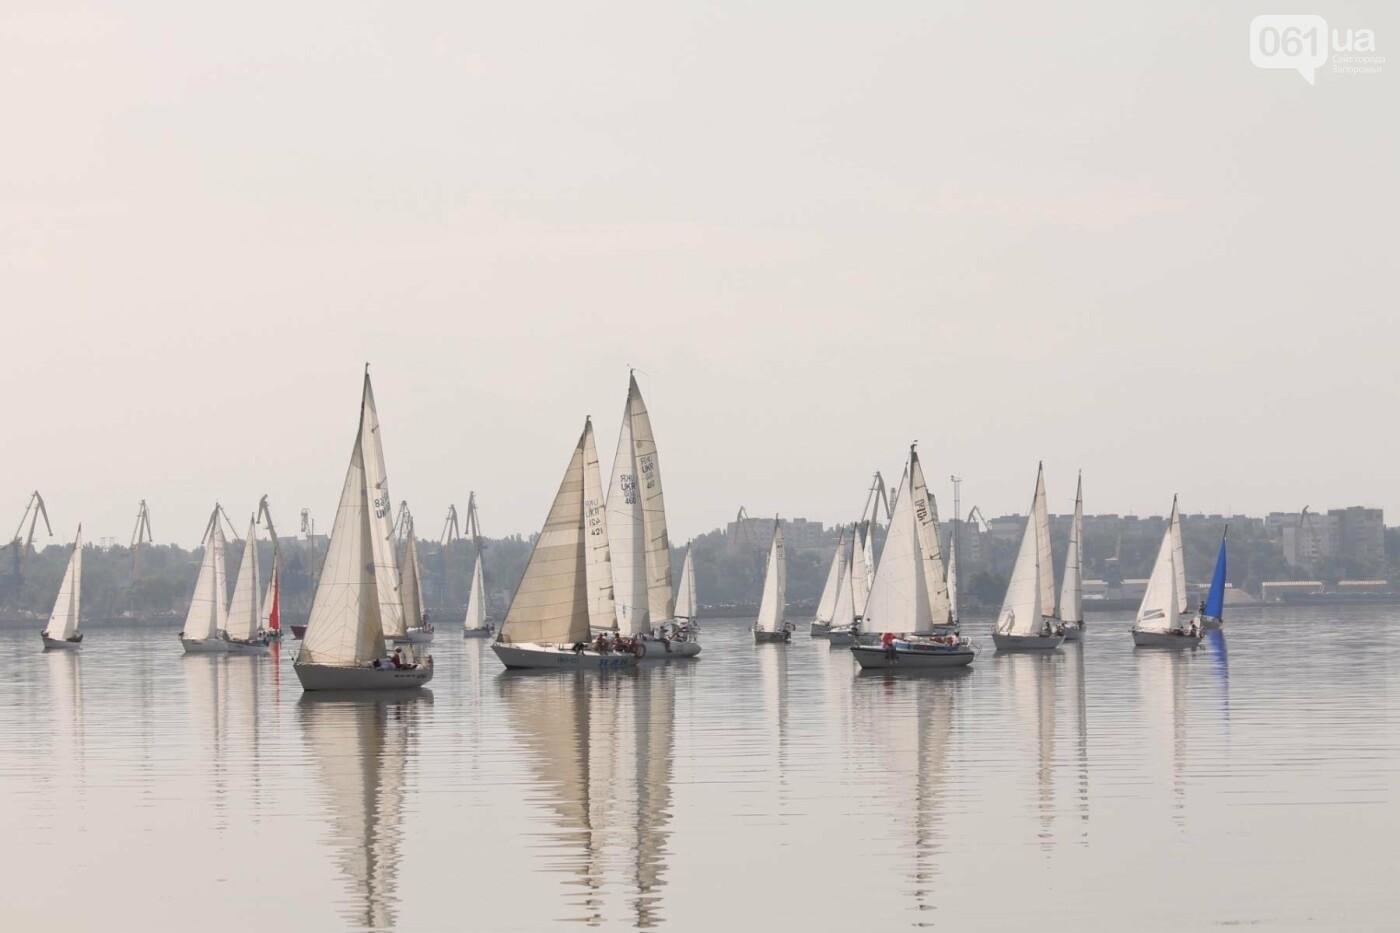 Сотни спортсменов и десятки яхт: как в Запорожье проходит парусная регата, – ФОТОРЕПОРТАЖ, фото-3